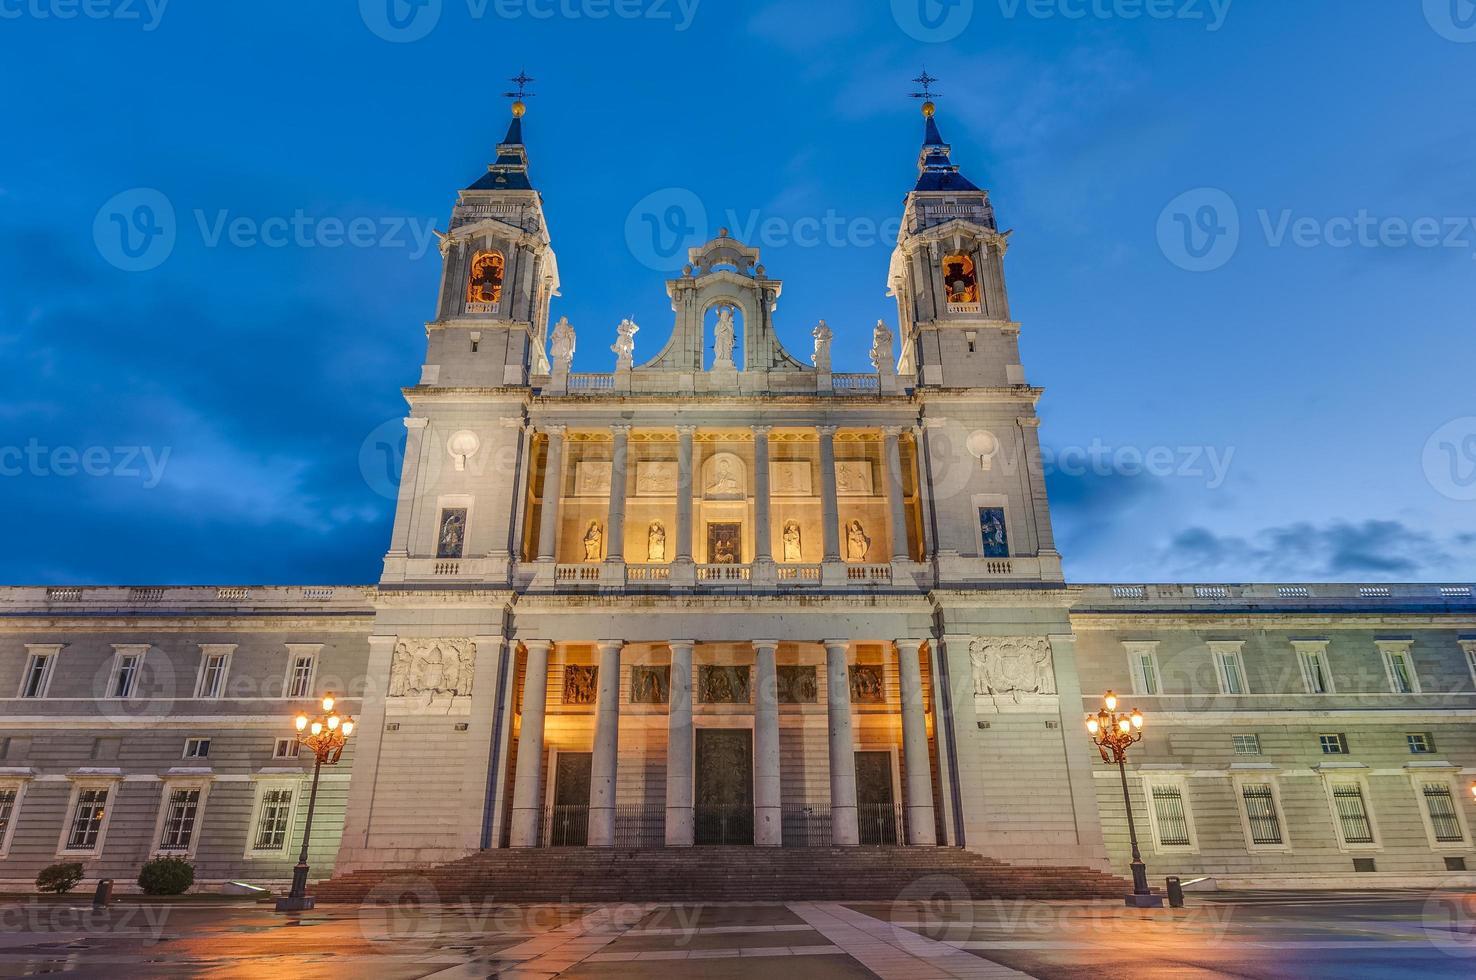 Catedral de la Almudena en Madrid, España. foto